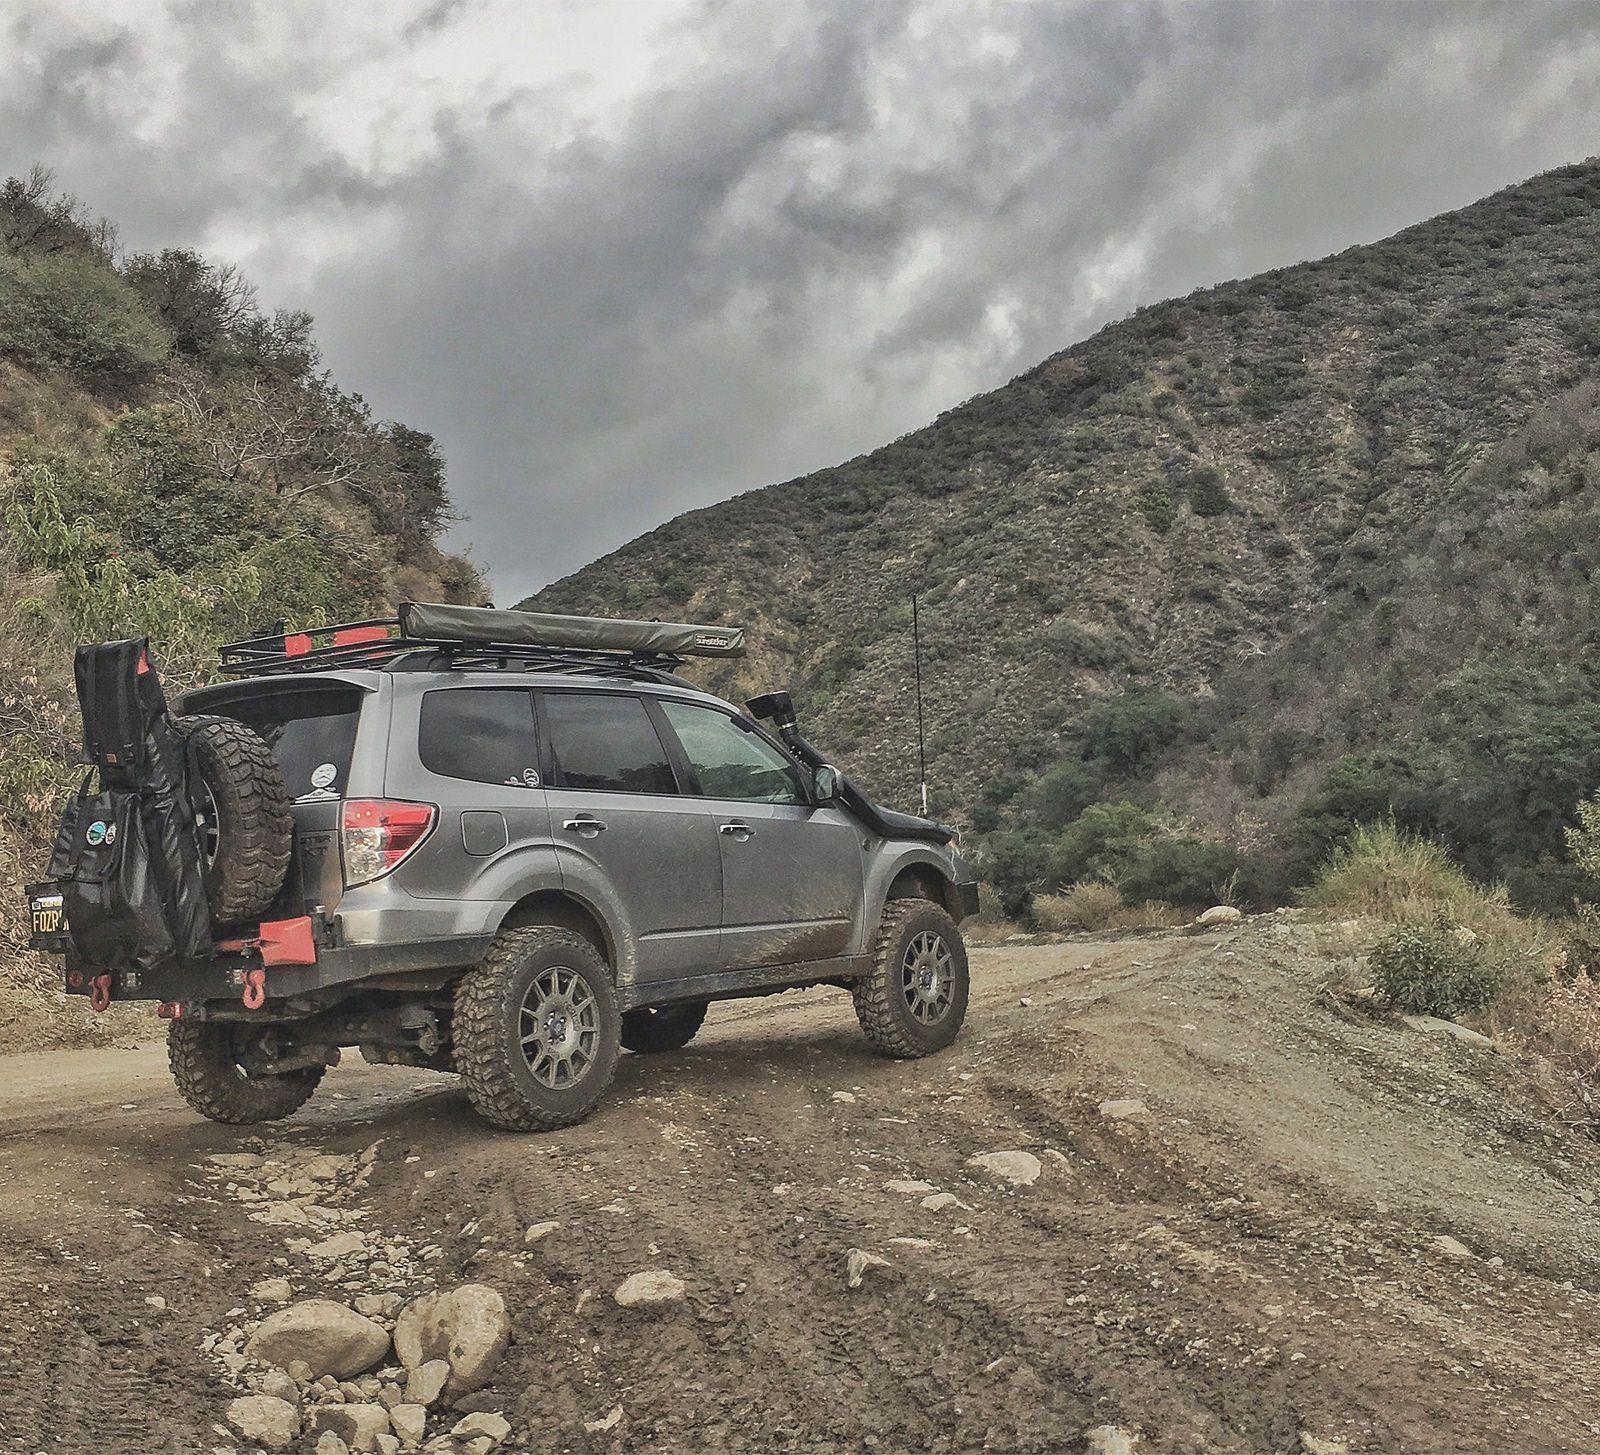 FullSizeRender 5   Outback Life   Subaru forester mods, Subaru